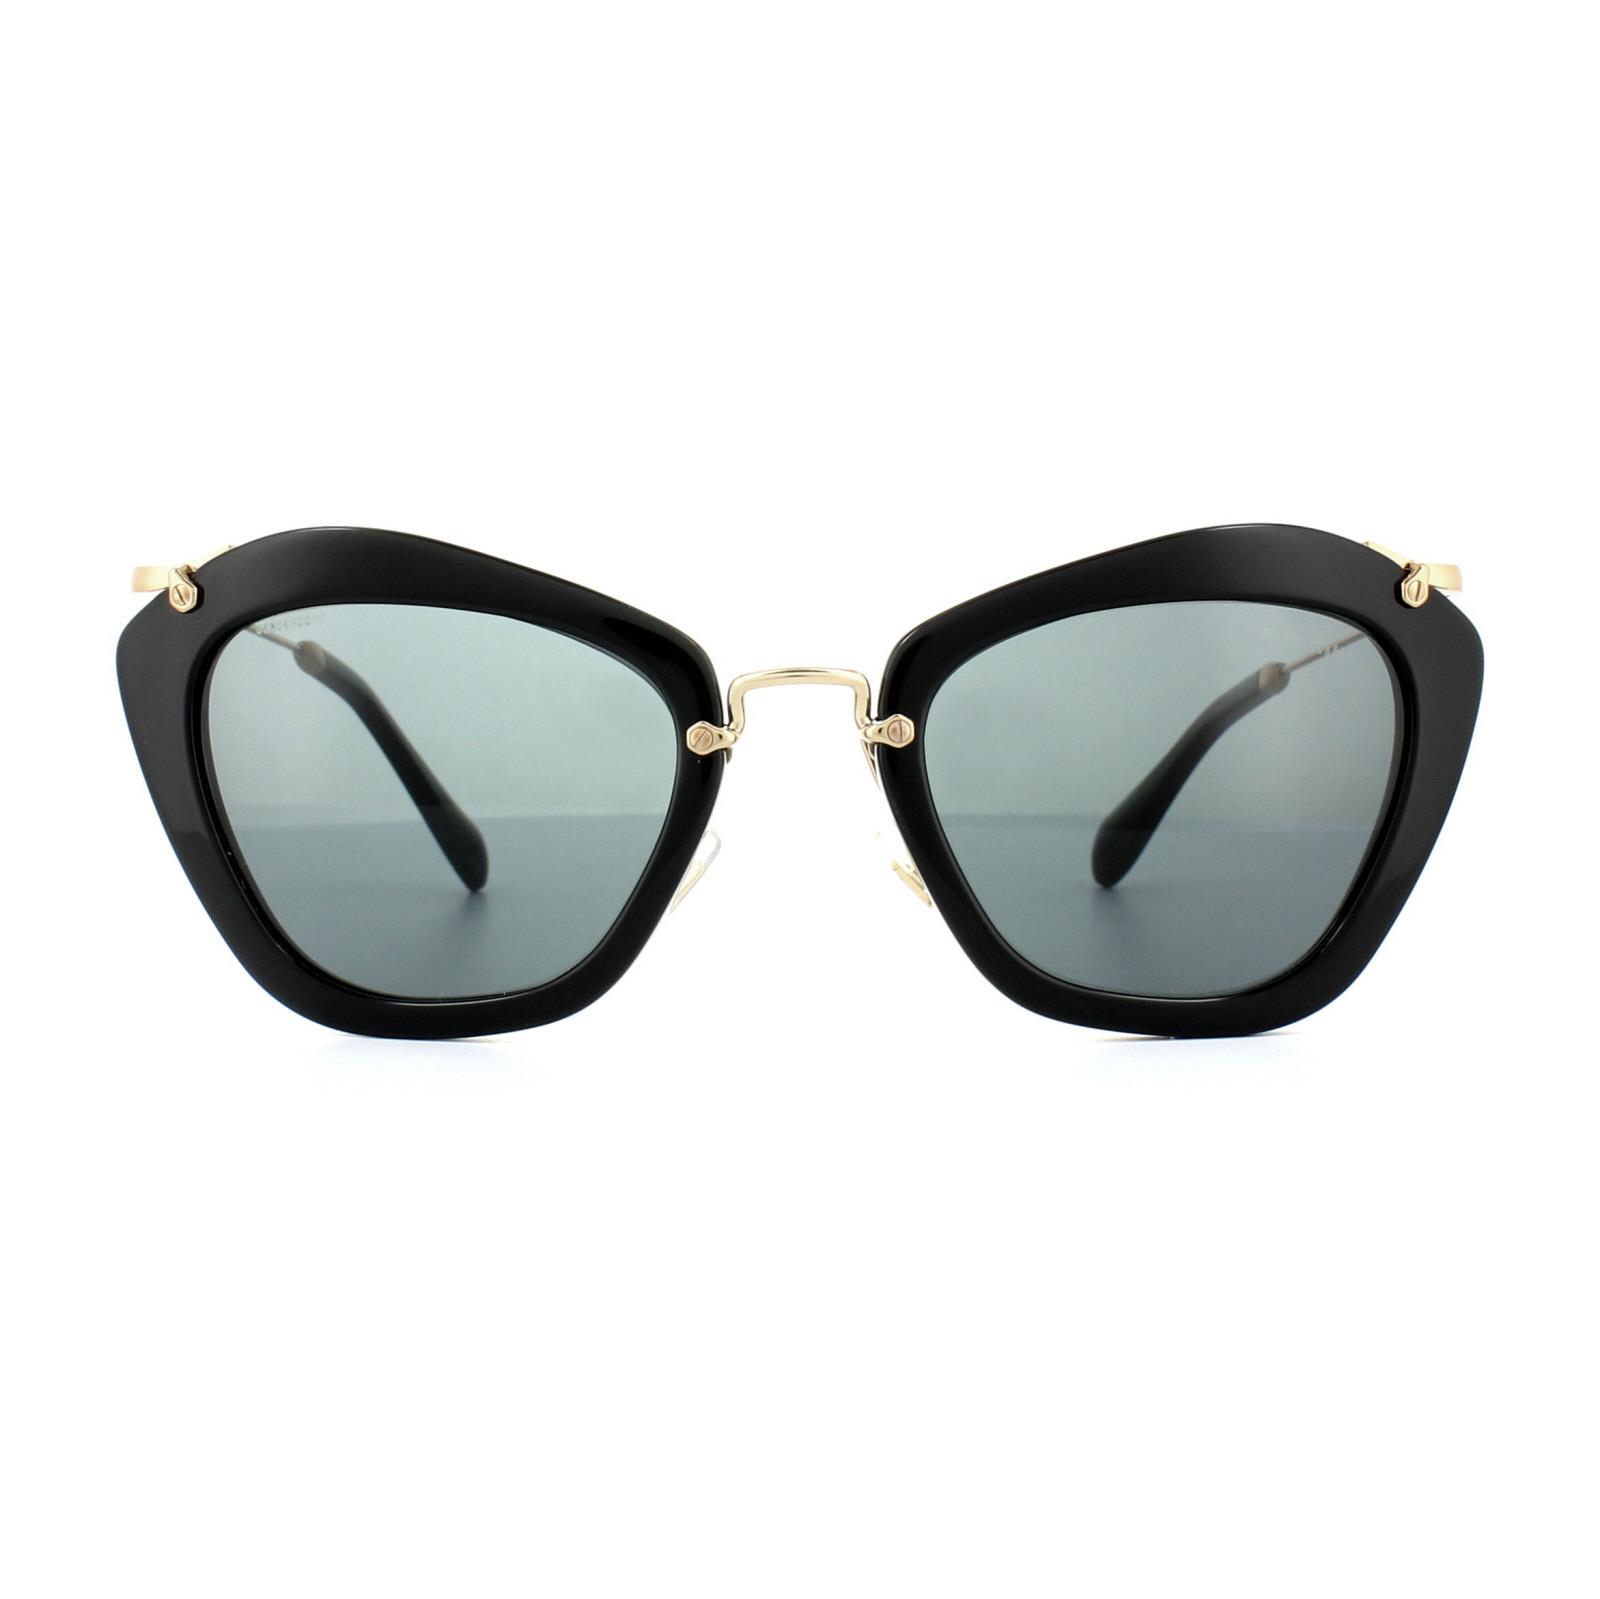 6f0203c2fe2 Miu Miu Round Sunglasses Ebay